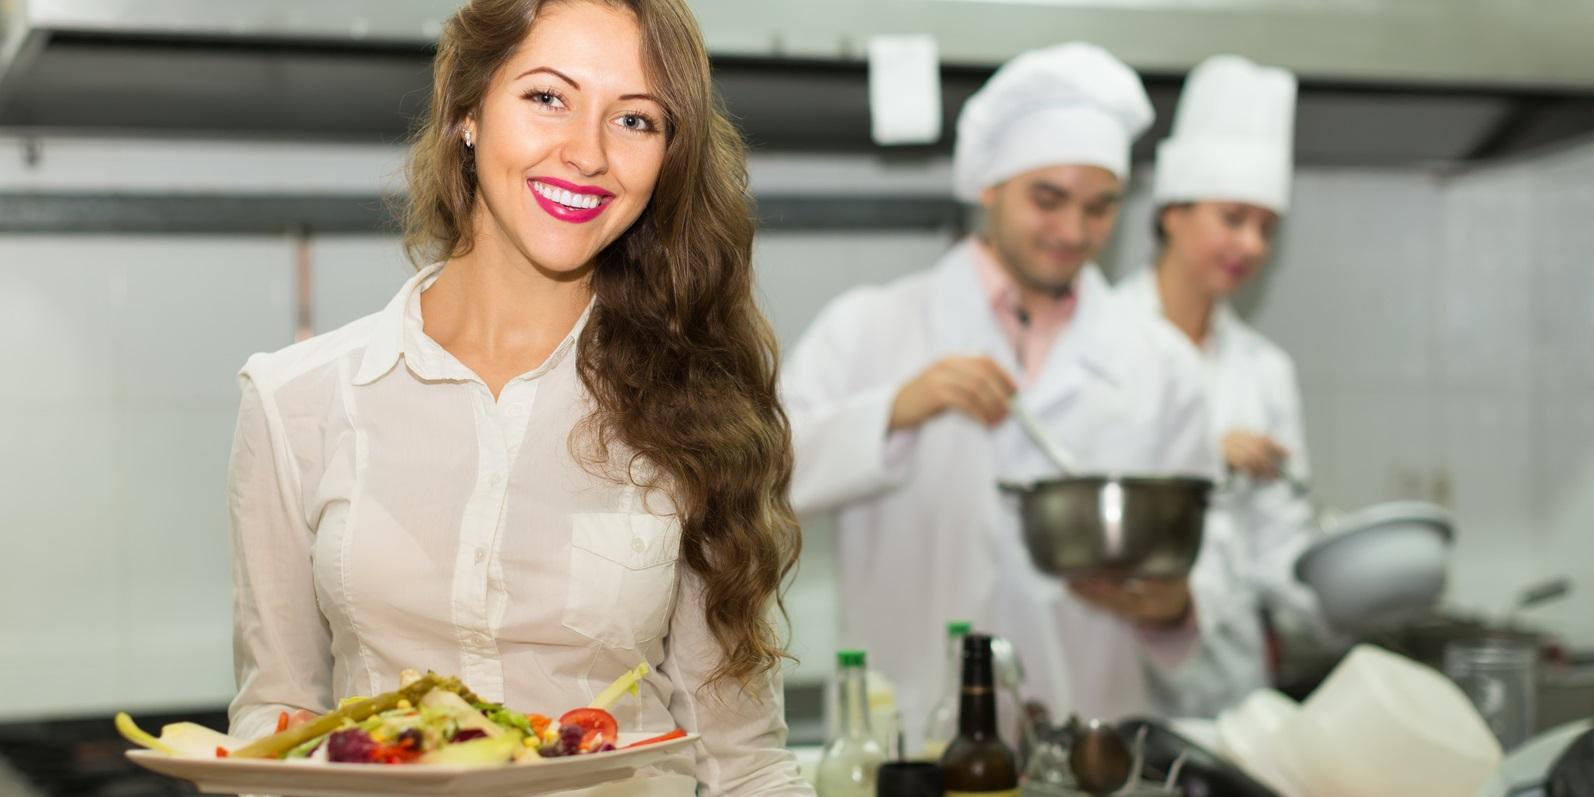 Küche Bedienung